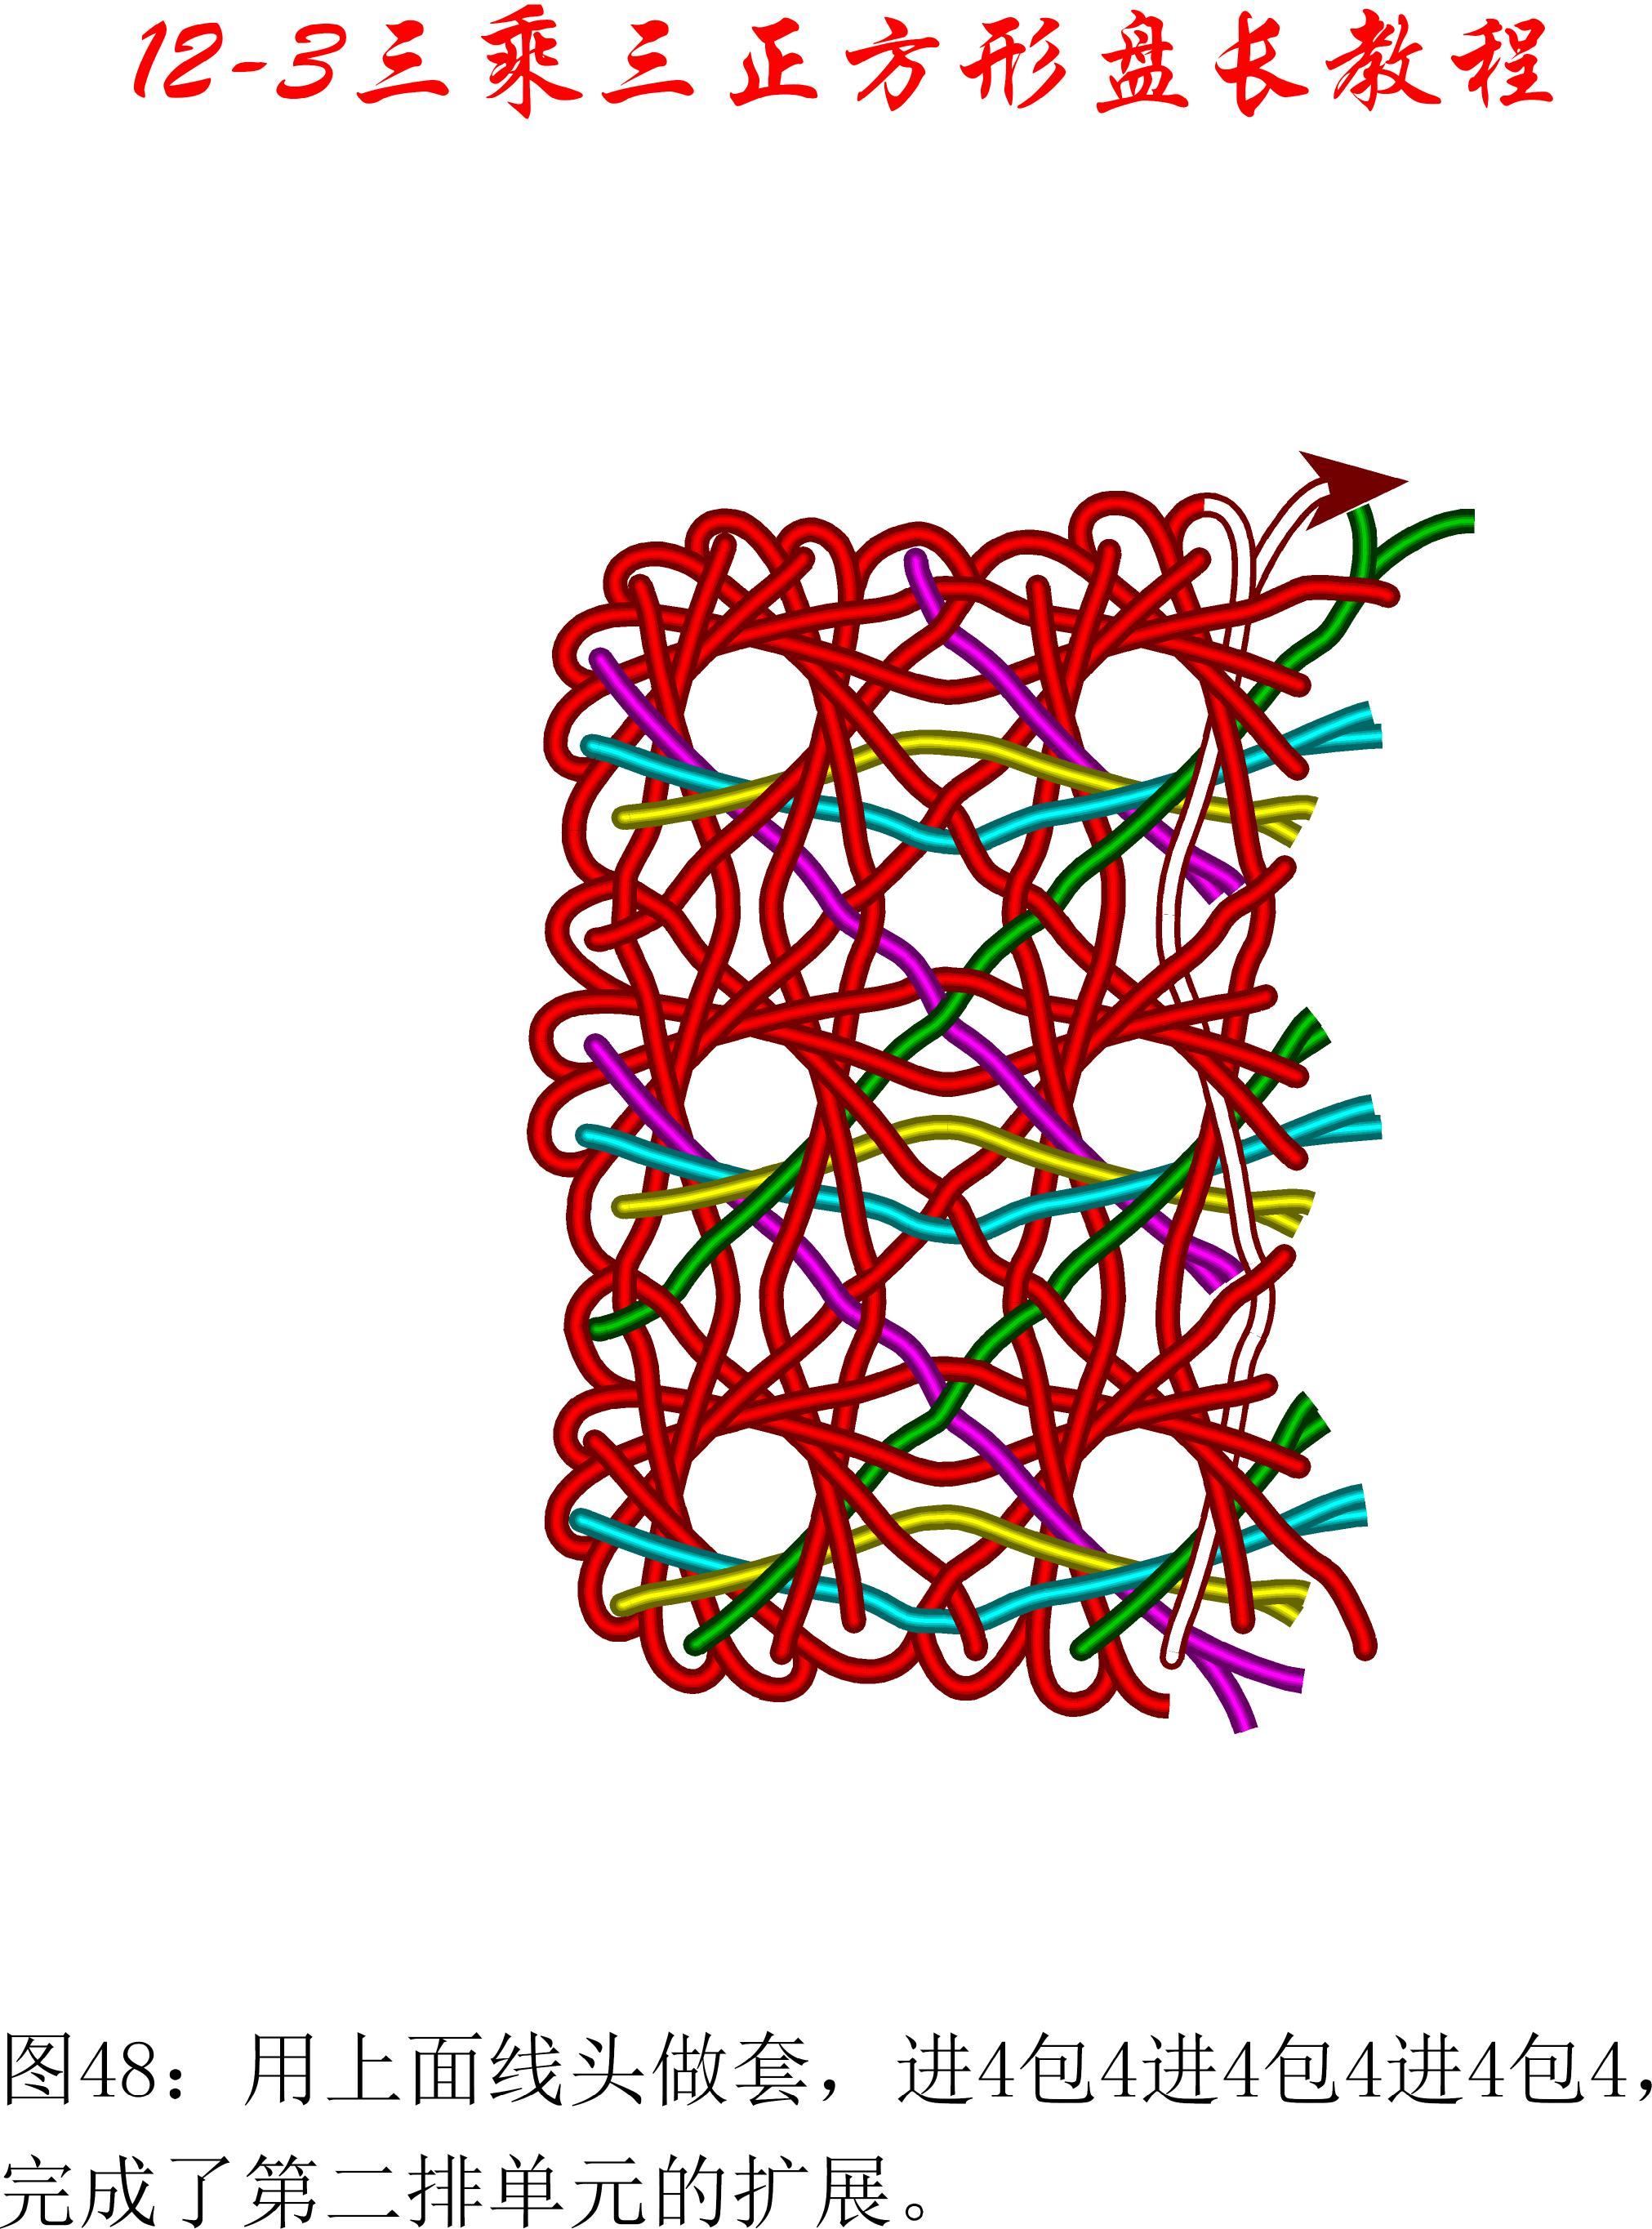 中国结论坛 12-3盘长平行扩展方法---3乘3方形盘长 方形,方形脸怎么办 丑丑徒手编结 093114o2ok0pak0l3y2bm0